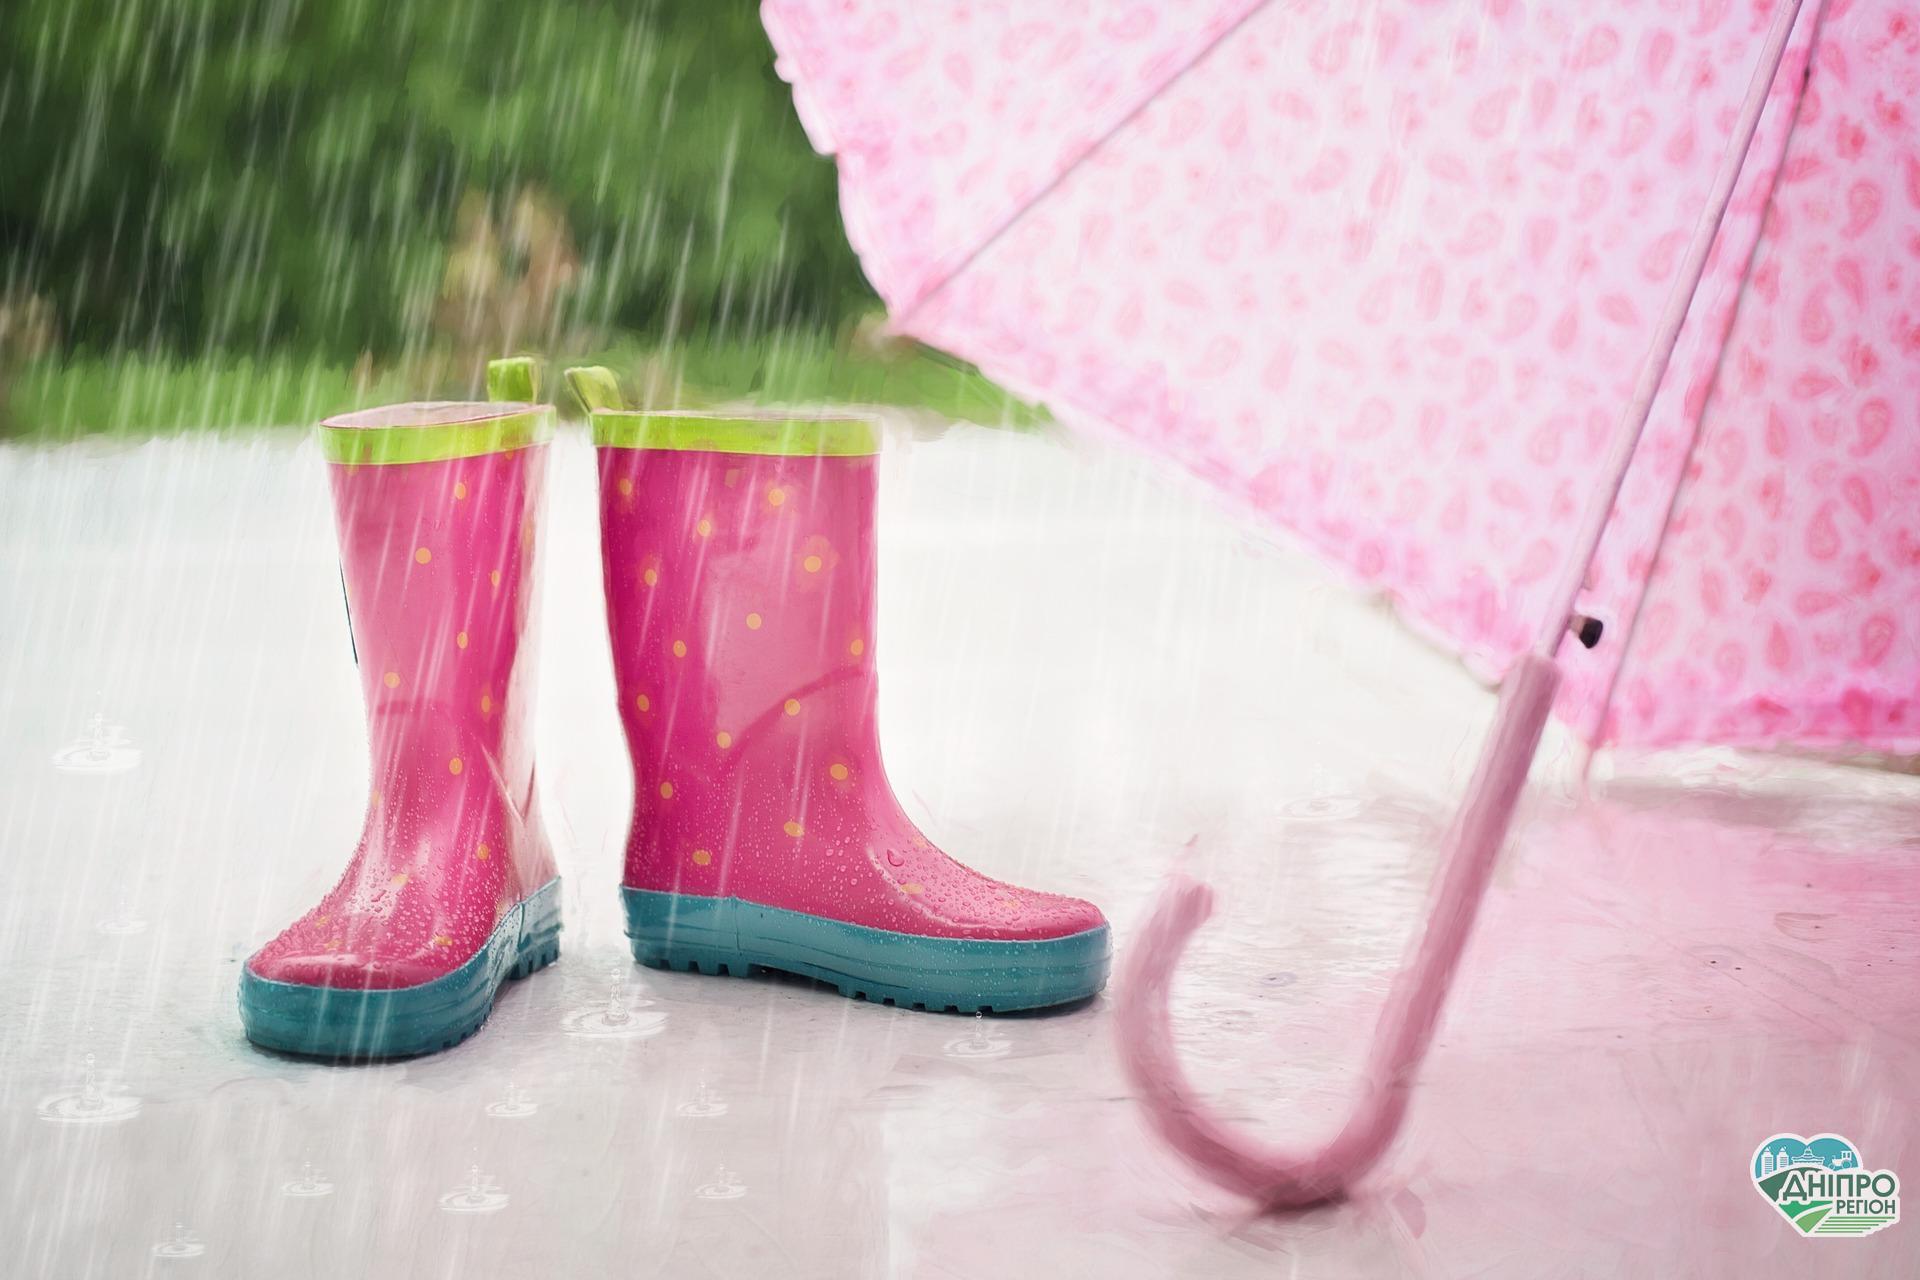 Погода на тиждень: на Дніпропетровщині очікуються дощі з грозами